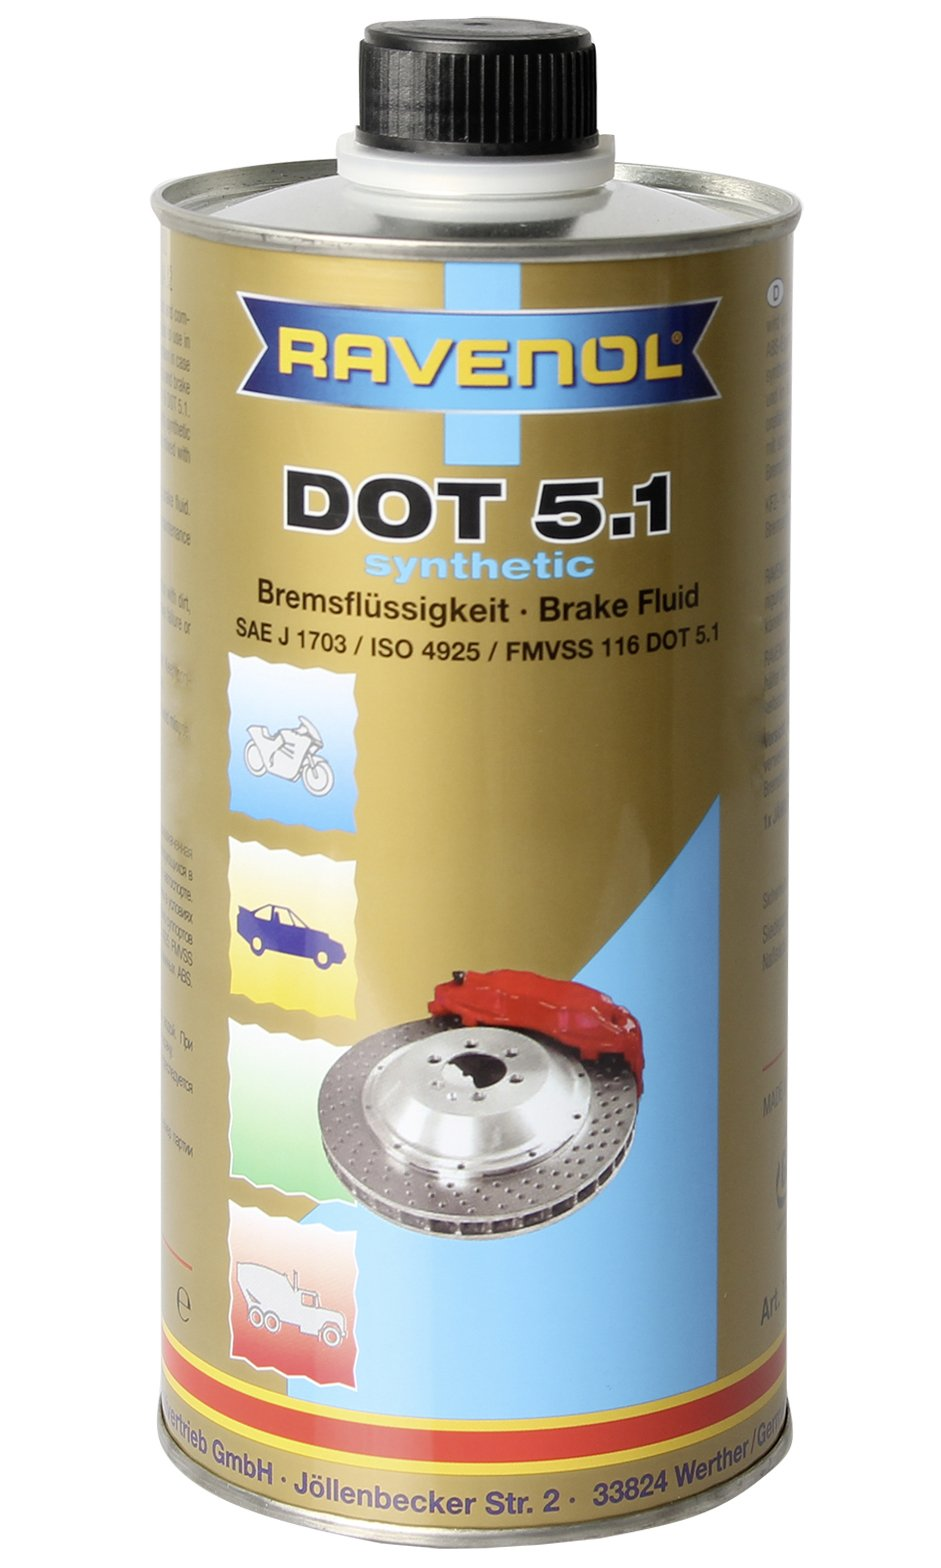 Ravenol J3A1001 Brake Fluid - DOT 5.1 SAE J1703 Synthetic (1 Liter) by Ravenol